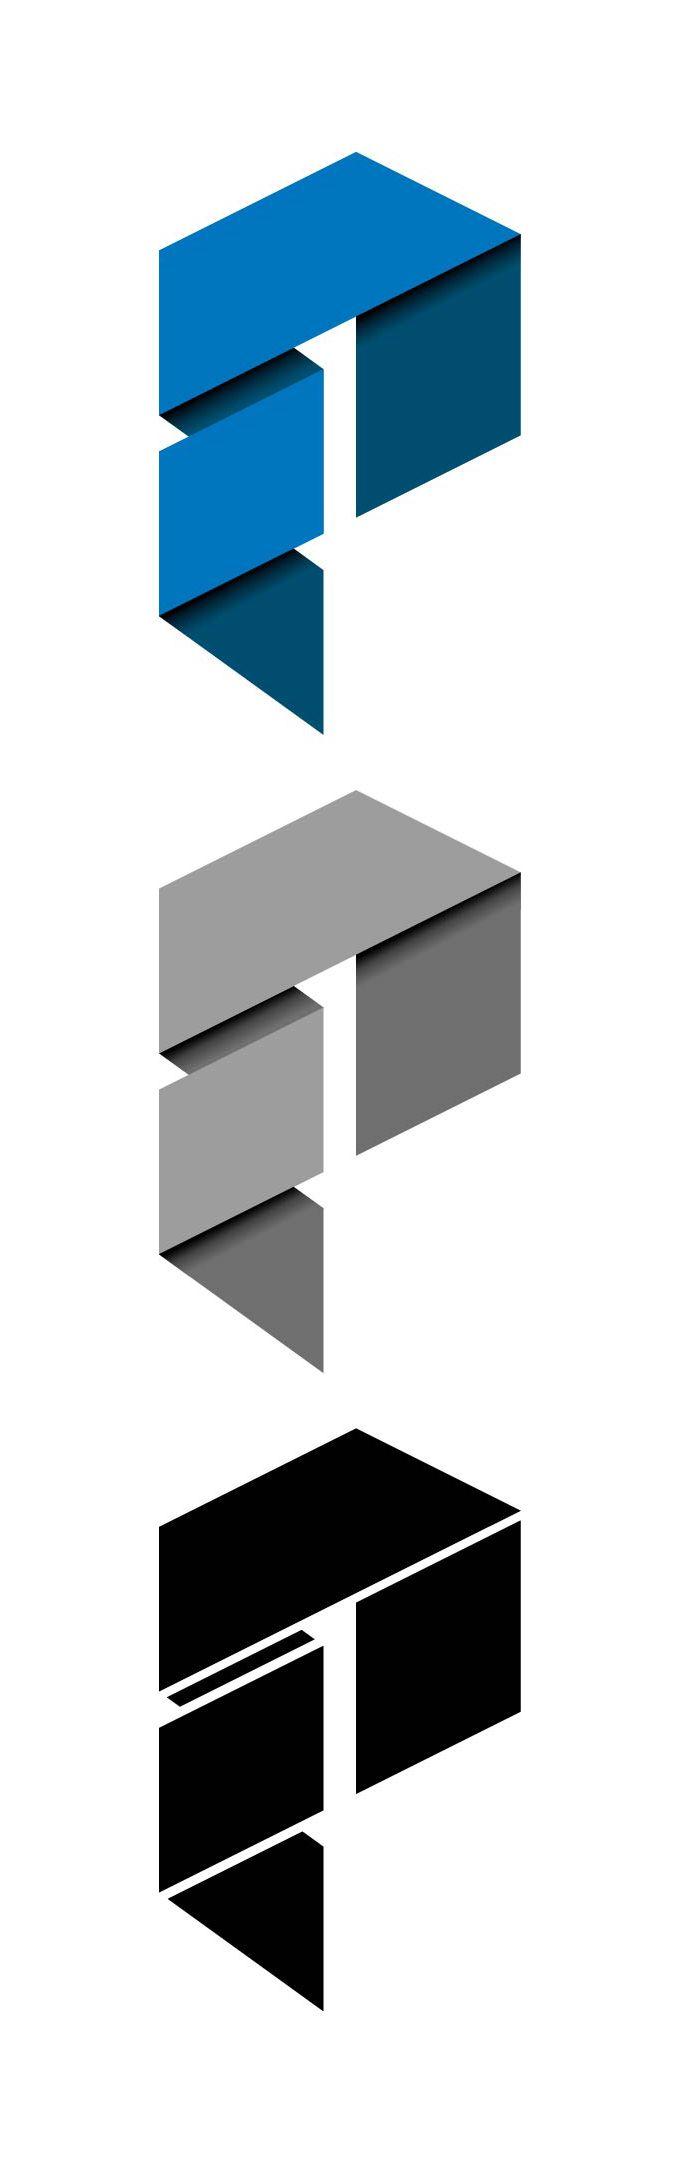 Furniture logo inspiration - Letter P Logo Design Personal Image